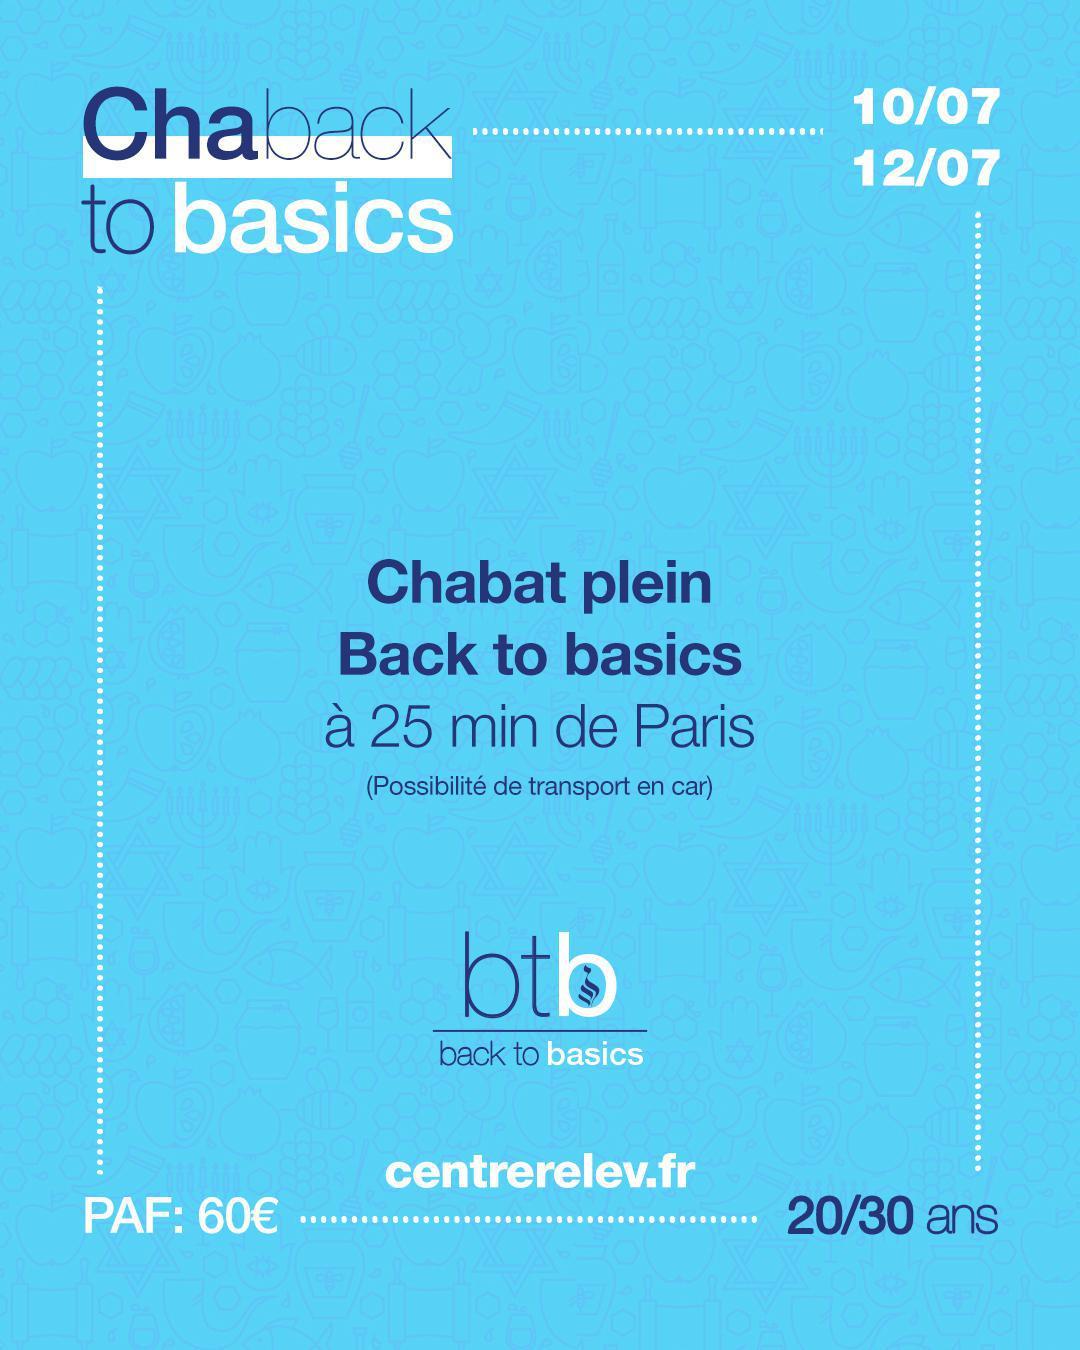 Chaback to basics 10-12/07